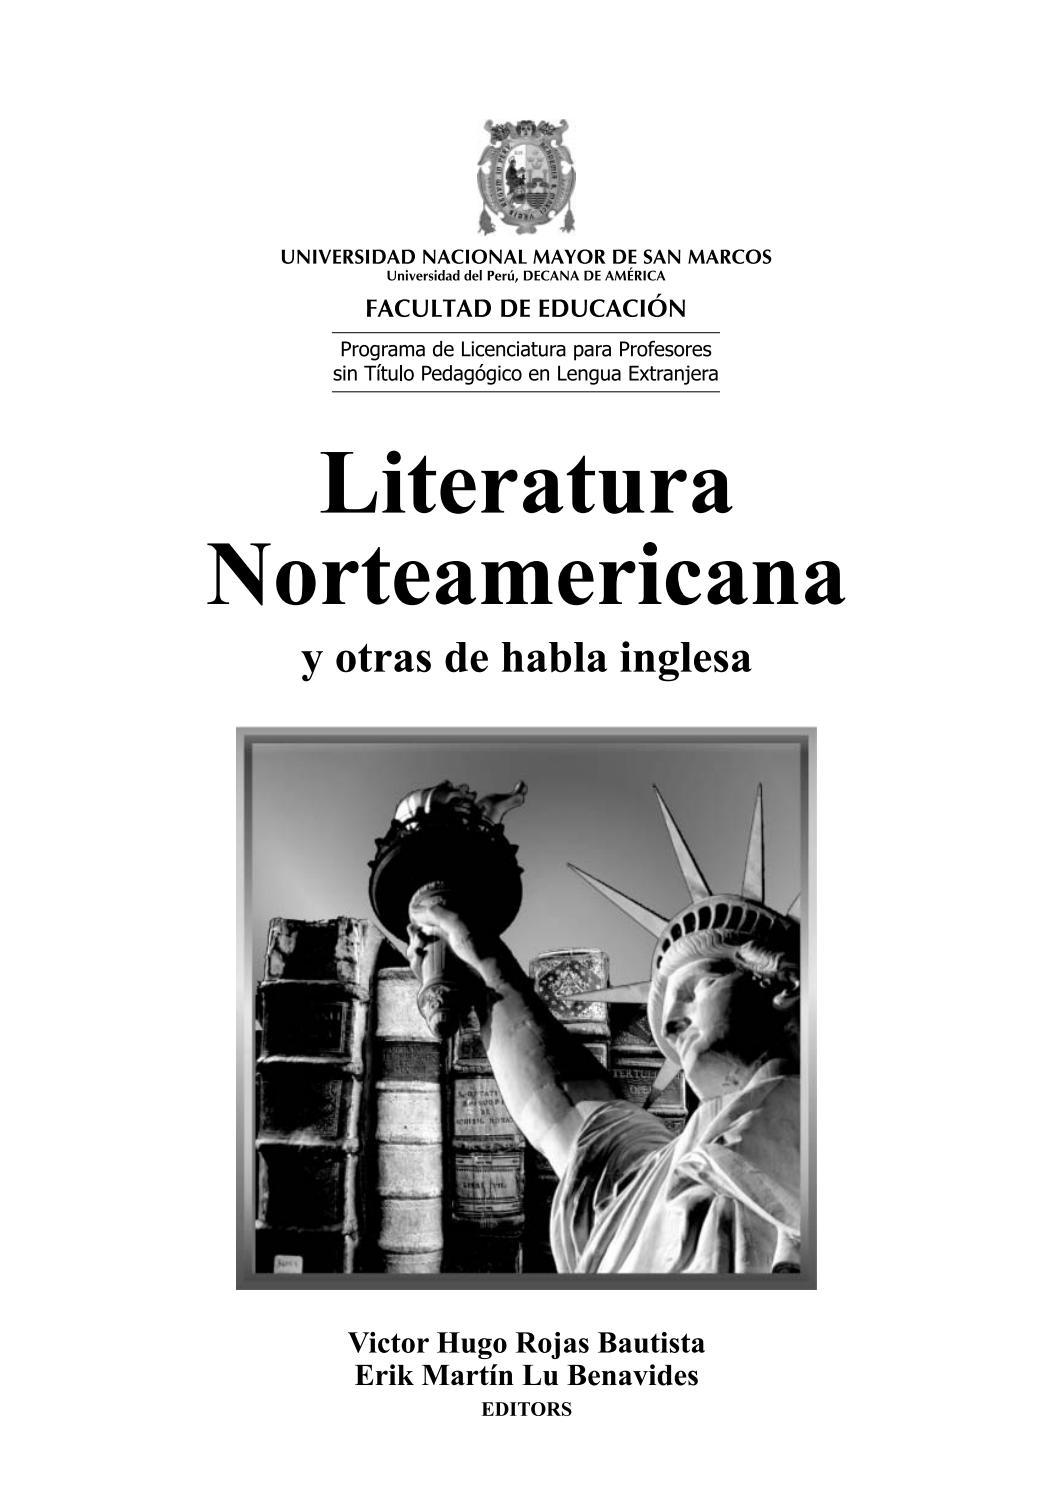 Literatura norteamericana y otras de habla inglesa by UNMSM-PROLEX ...